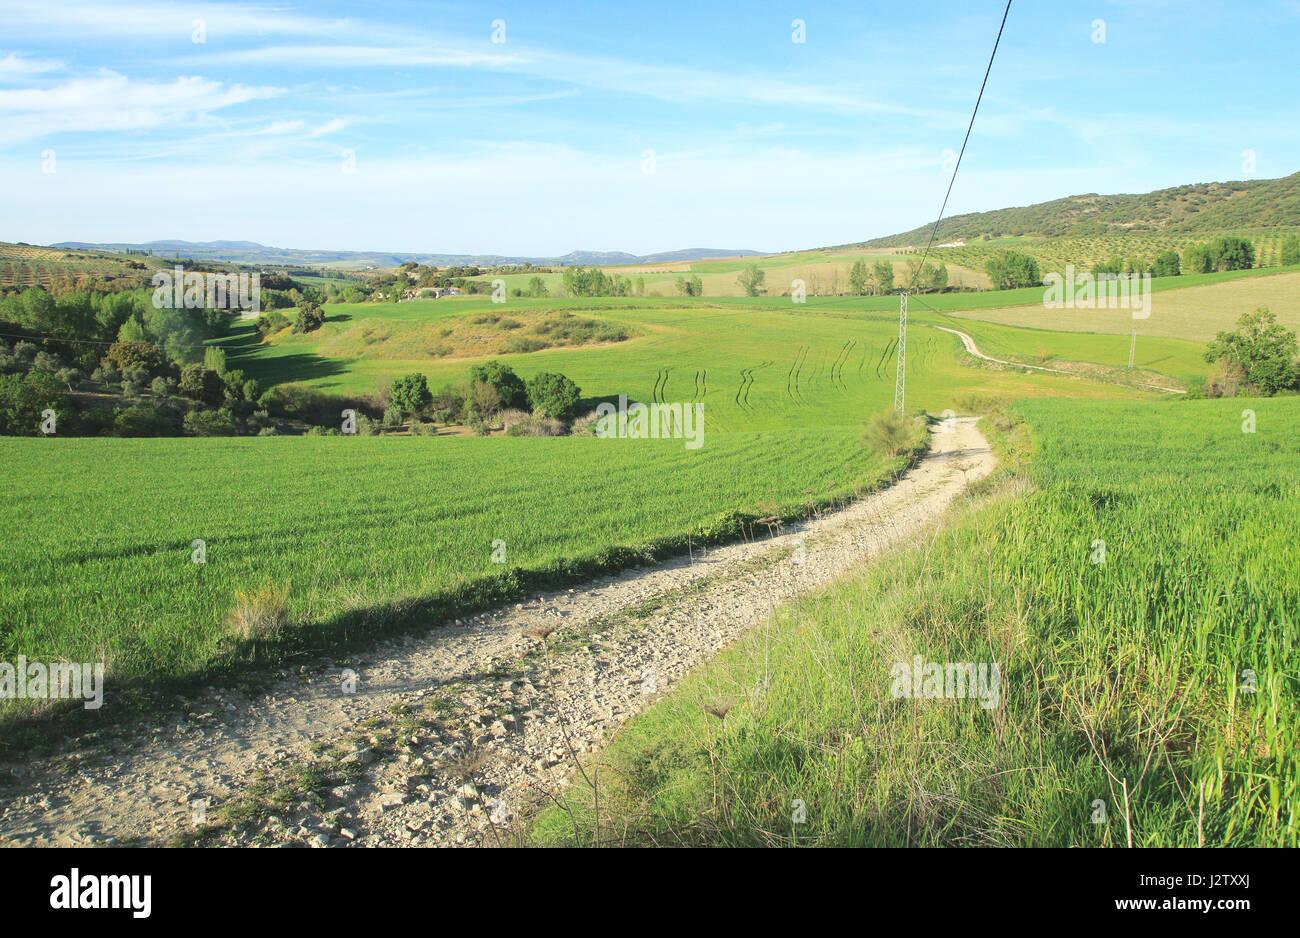 Farming landscape of Rio Setenil valley, Cuevas del Marques, Serrania de Ronda, Spain - Stock Image